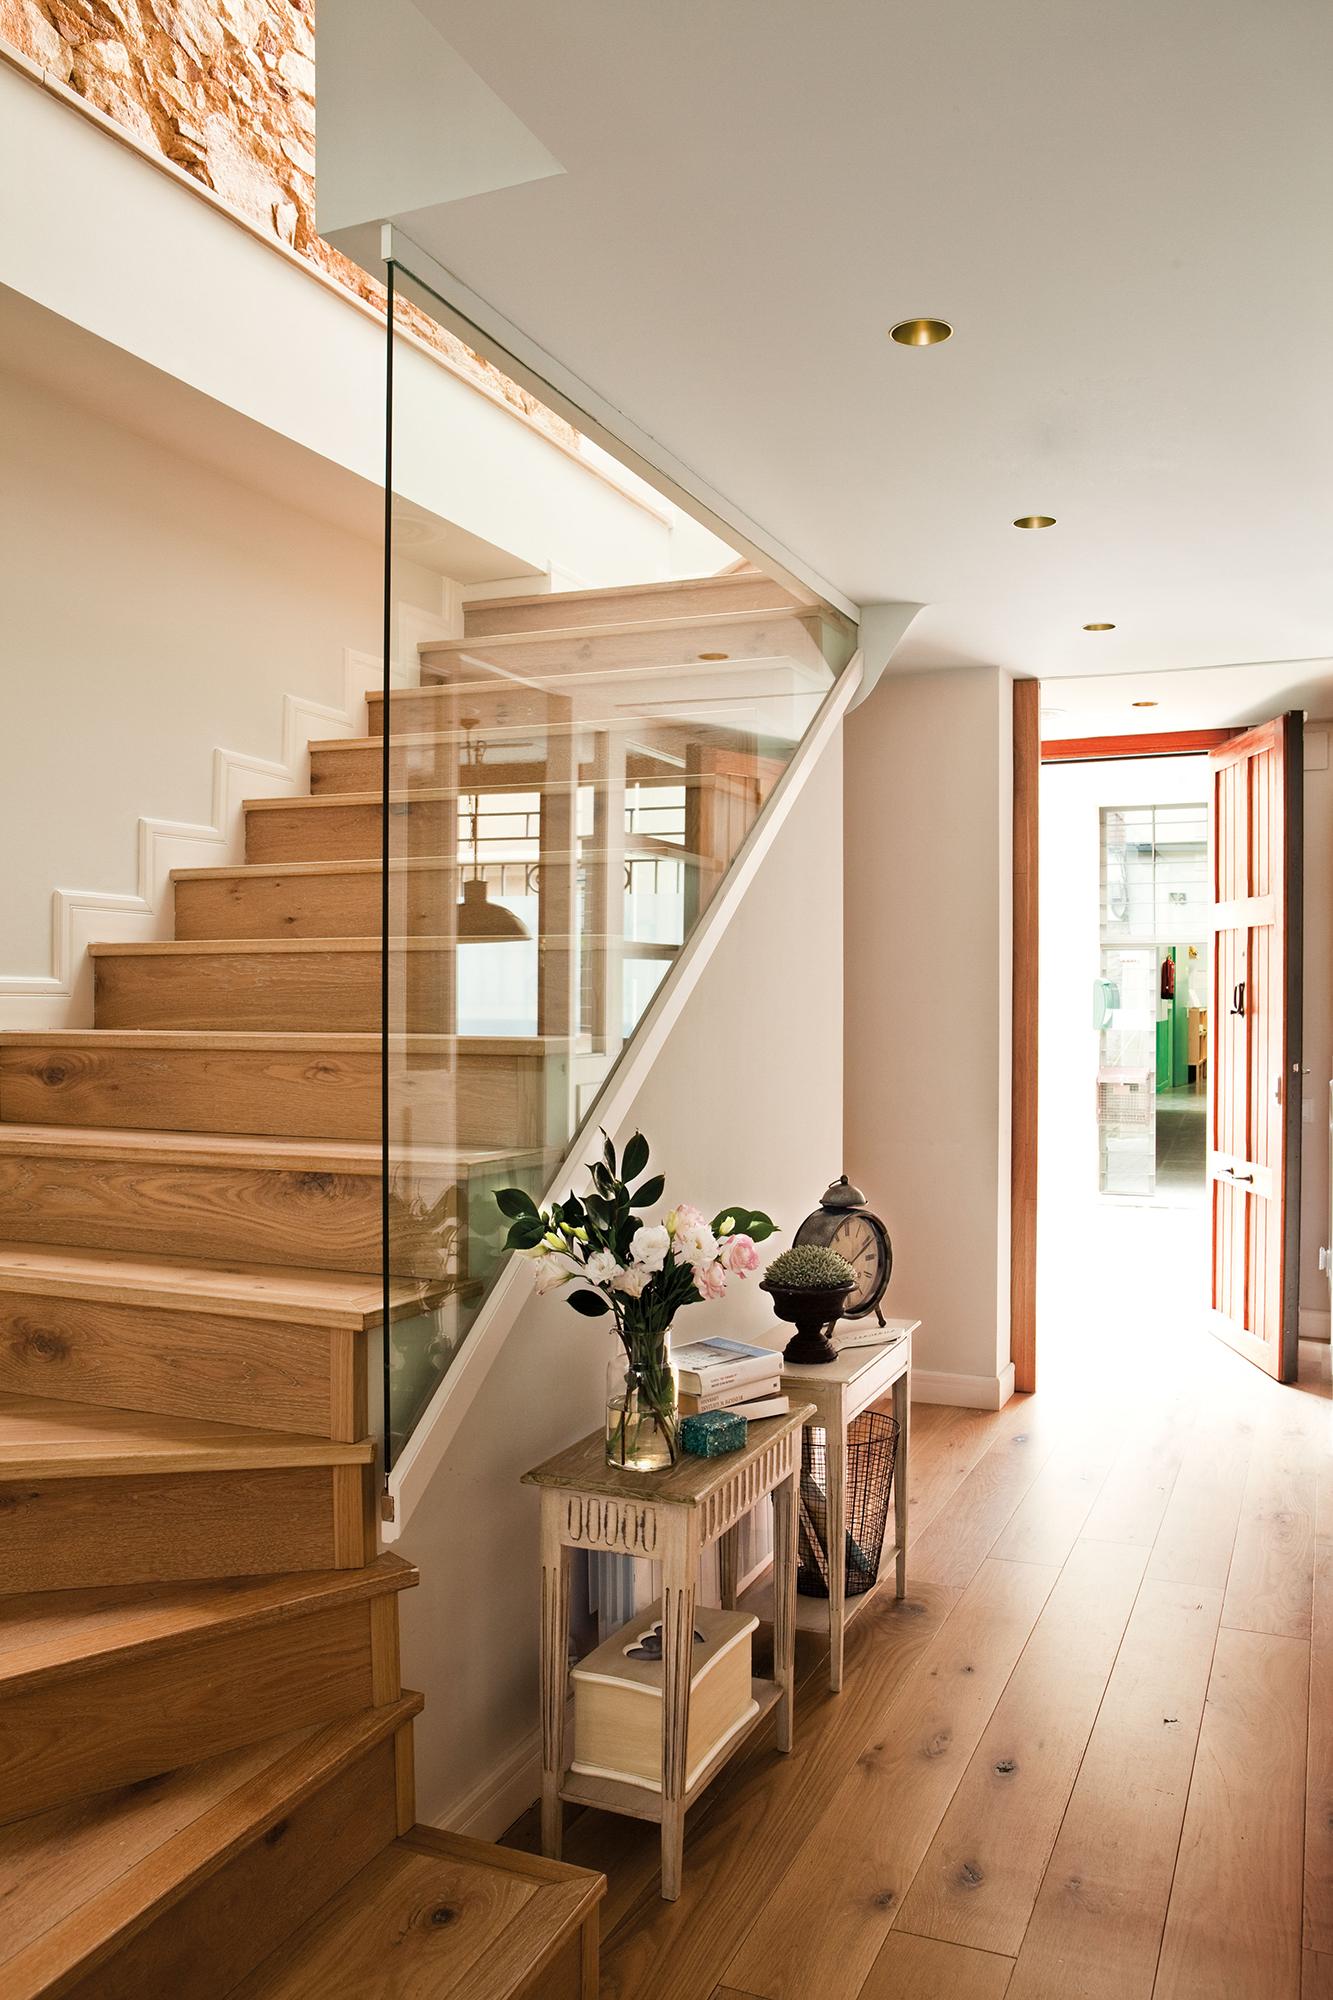 Escaleras c mo planificarlas con acierto for Mi oficina directa